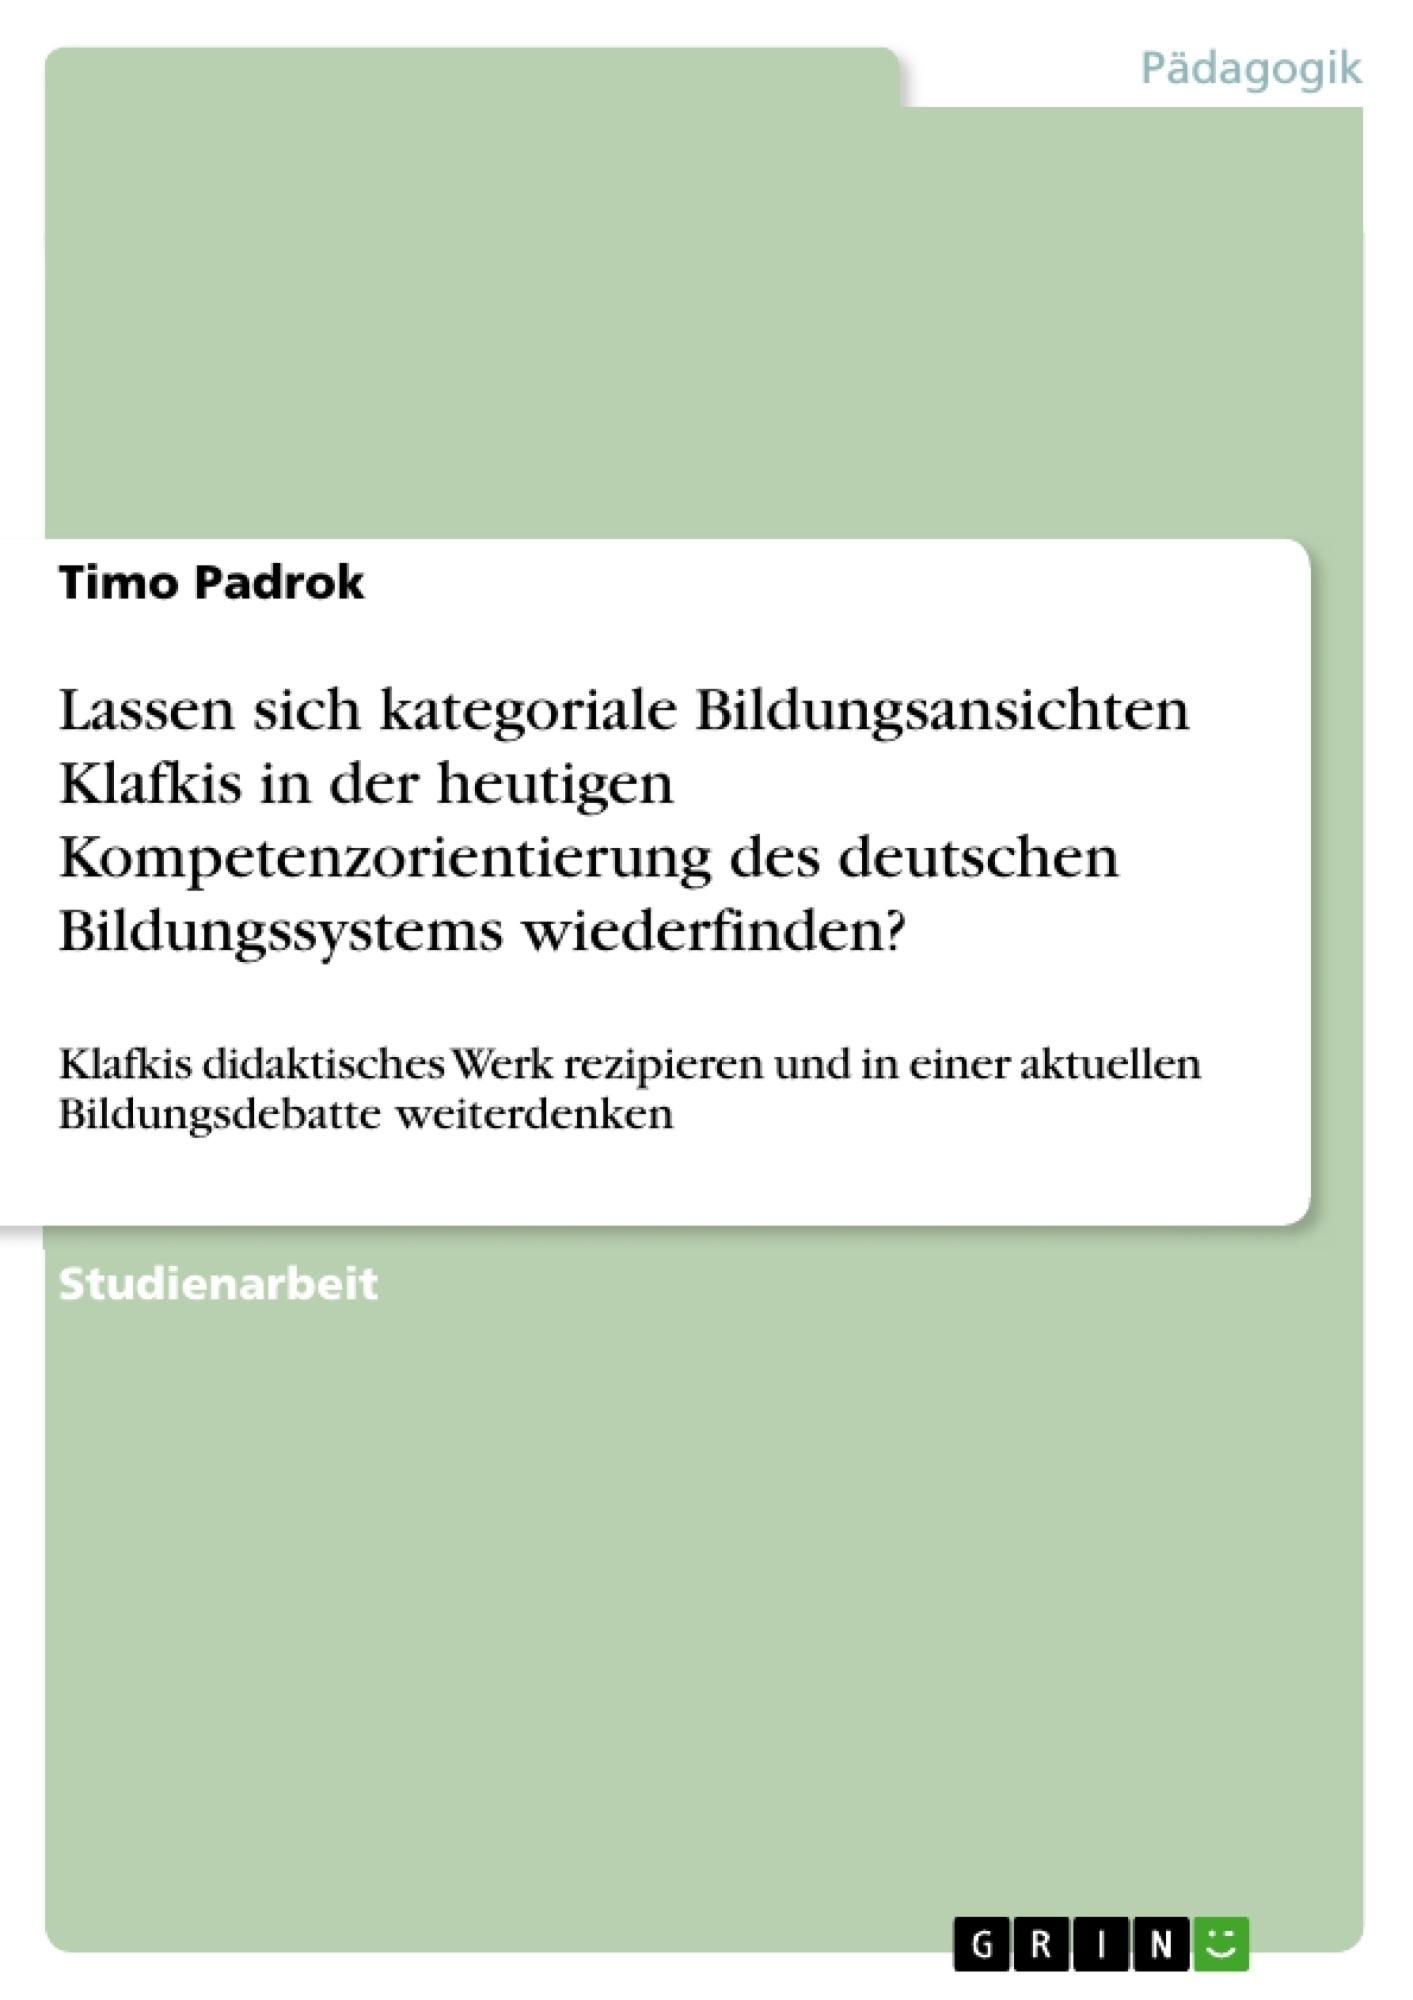 Titel: Lassen sich kategoriale Bildungsansichten Klafkis in der heutigen Kompetenzorientierung des deutschen Bildungssystems wiederfinden?